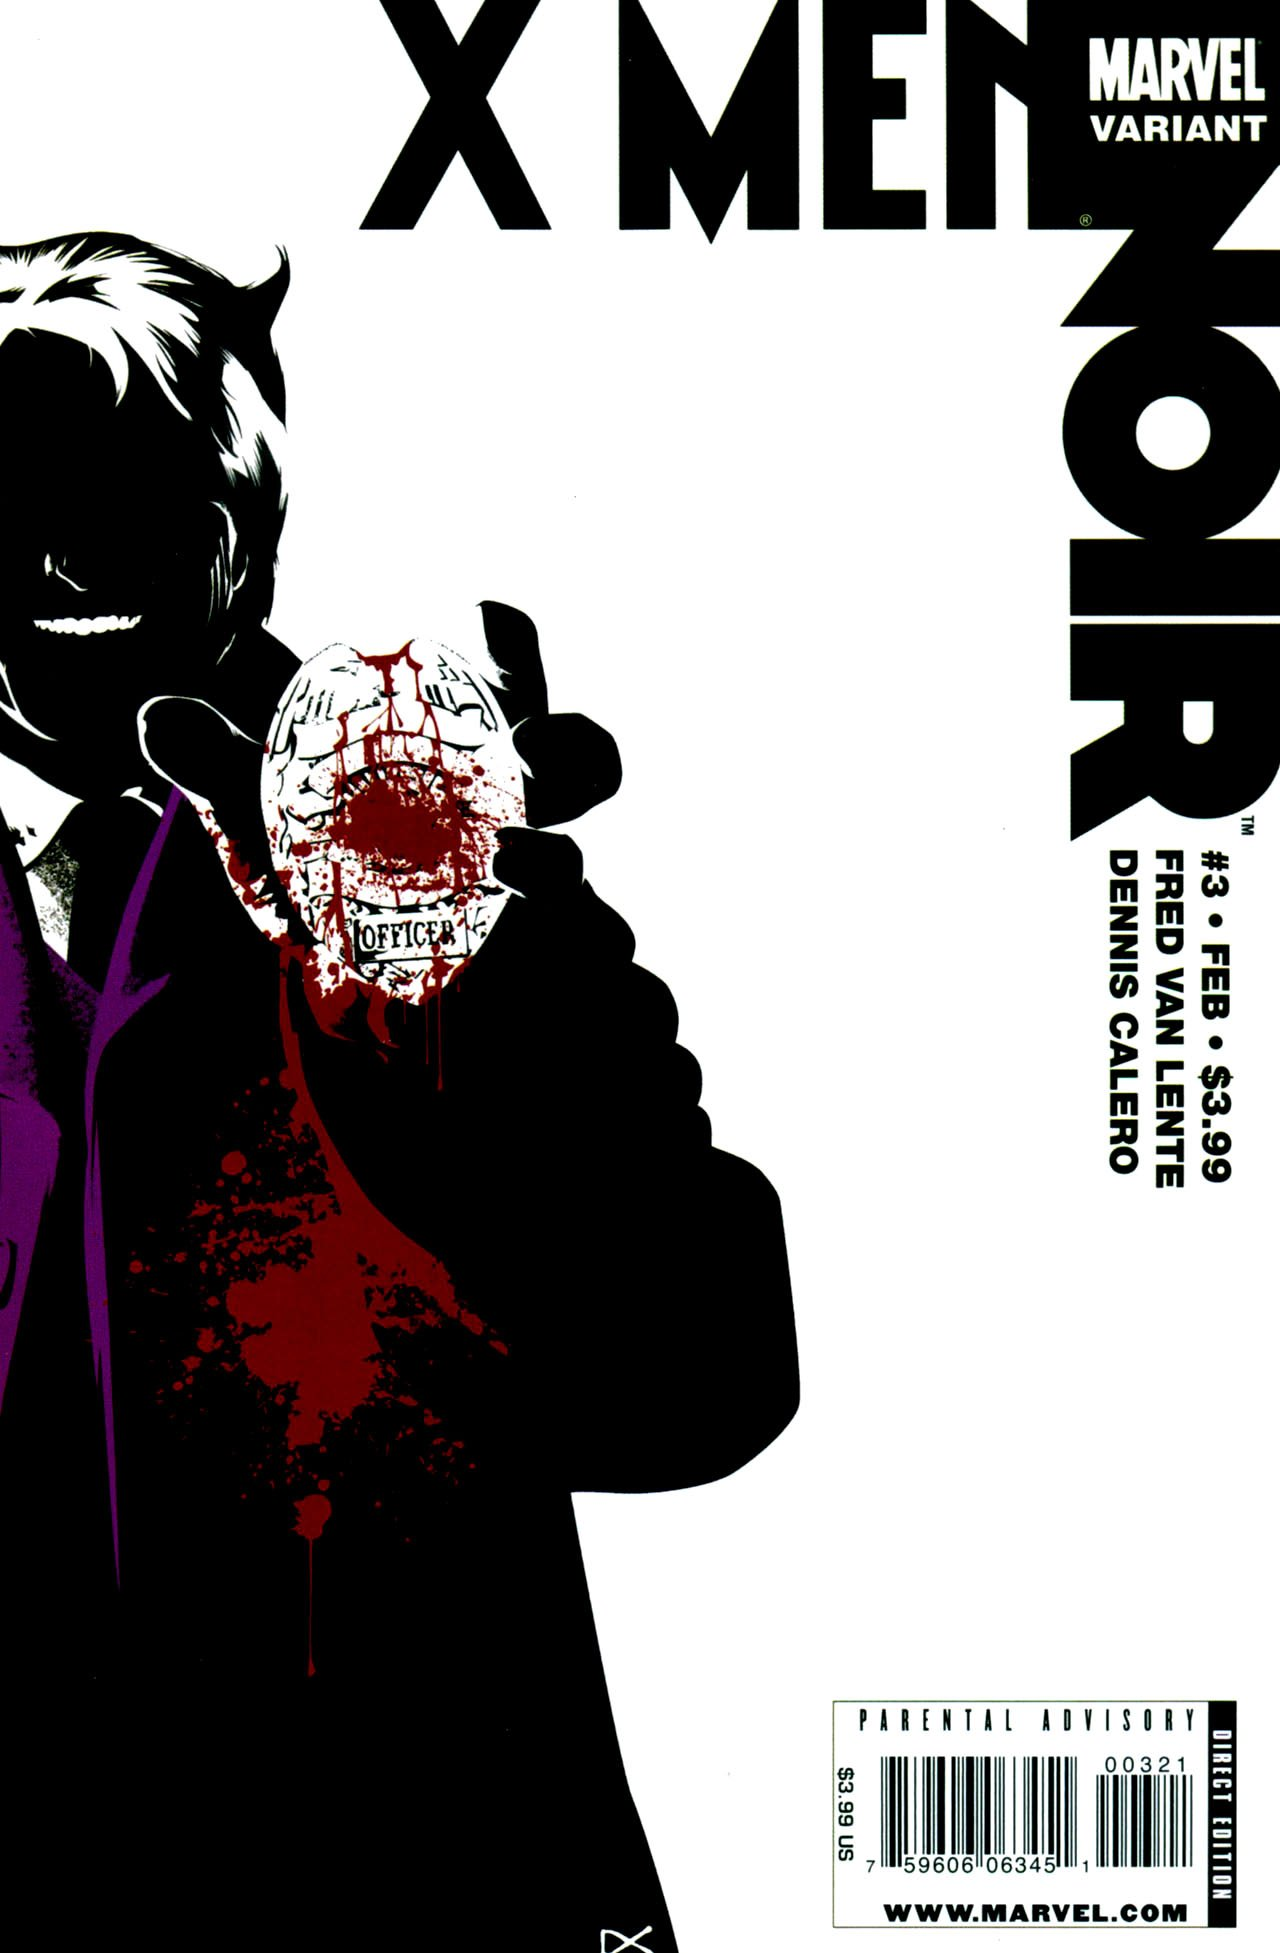 """Топ 16 злодеев серии комиксов """"Marvel Noir"""". Часть 2. [Spoiler alert] - Изображение 1"""